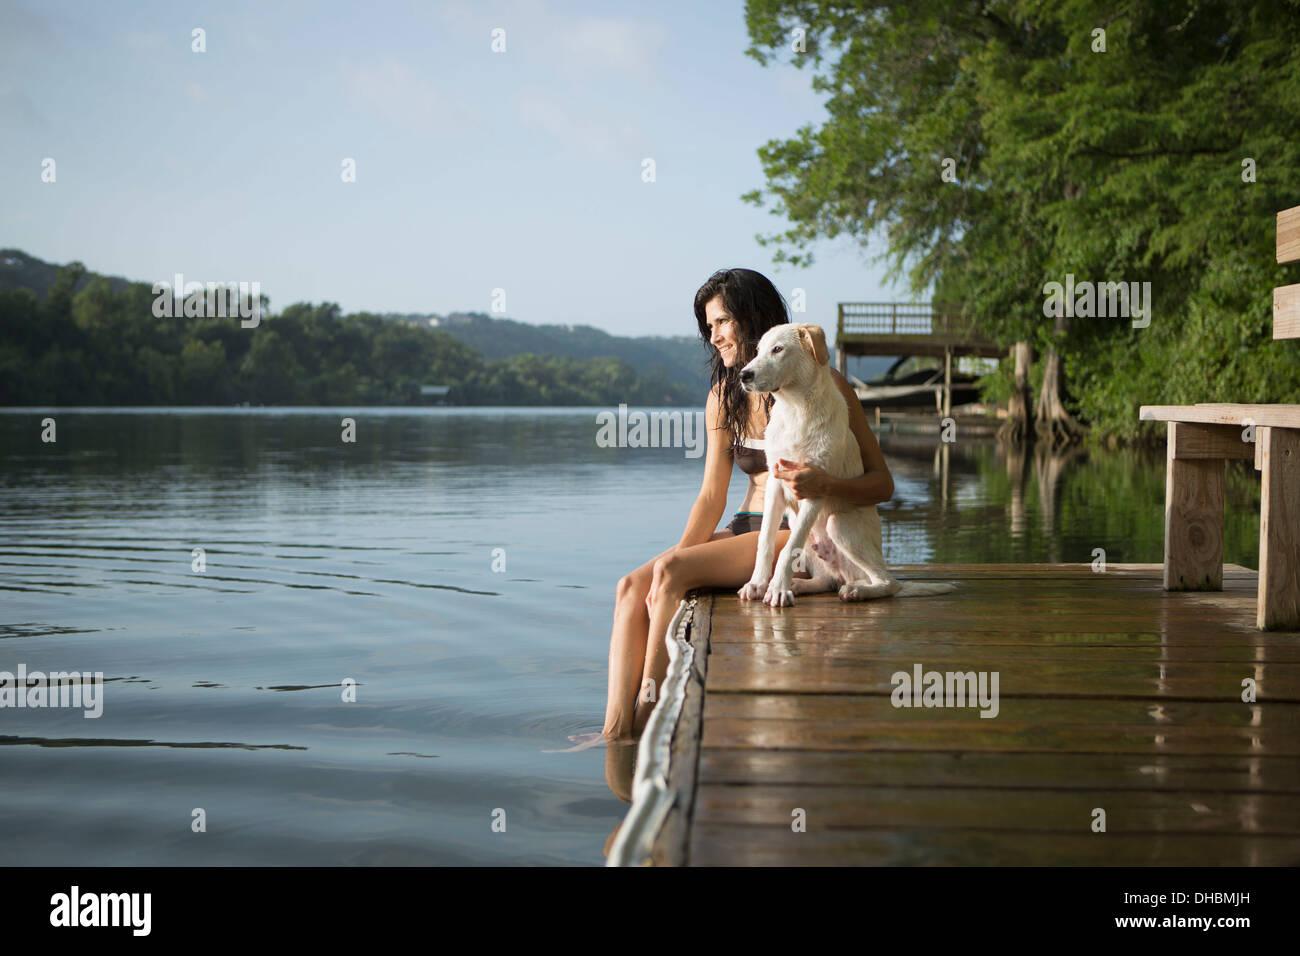 Una mujer con su brazo alrededor de un pequeño perro blanco sobre un embarcadero en un lago. Imagen De Stock